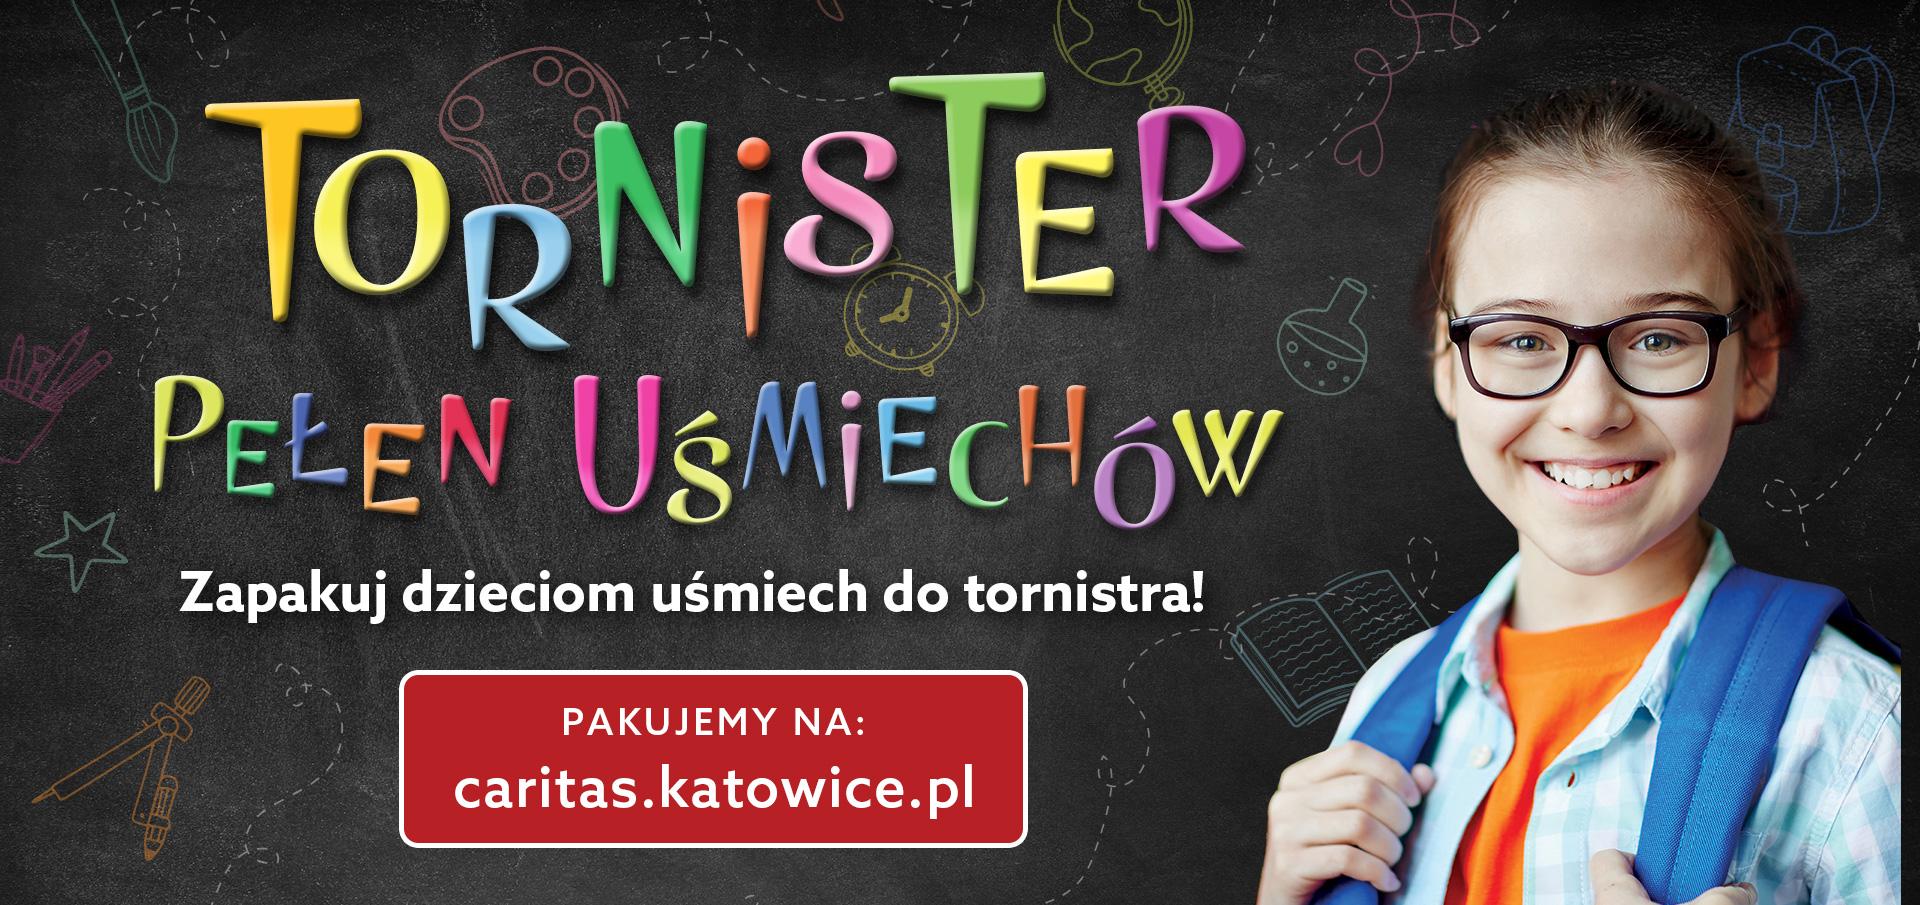 Tornister Pełen Uśmiechów!